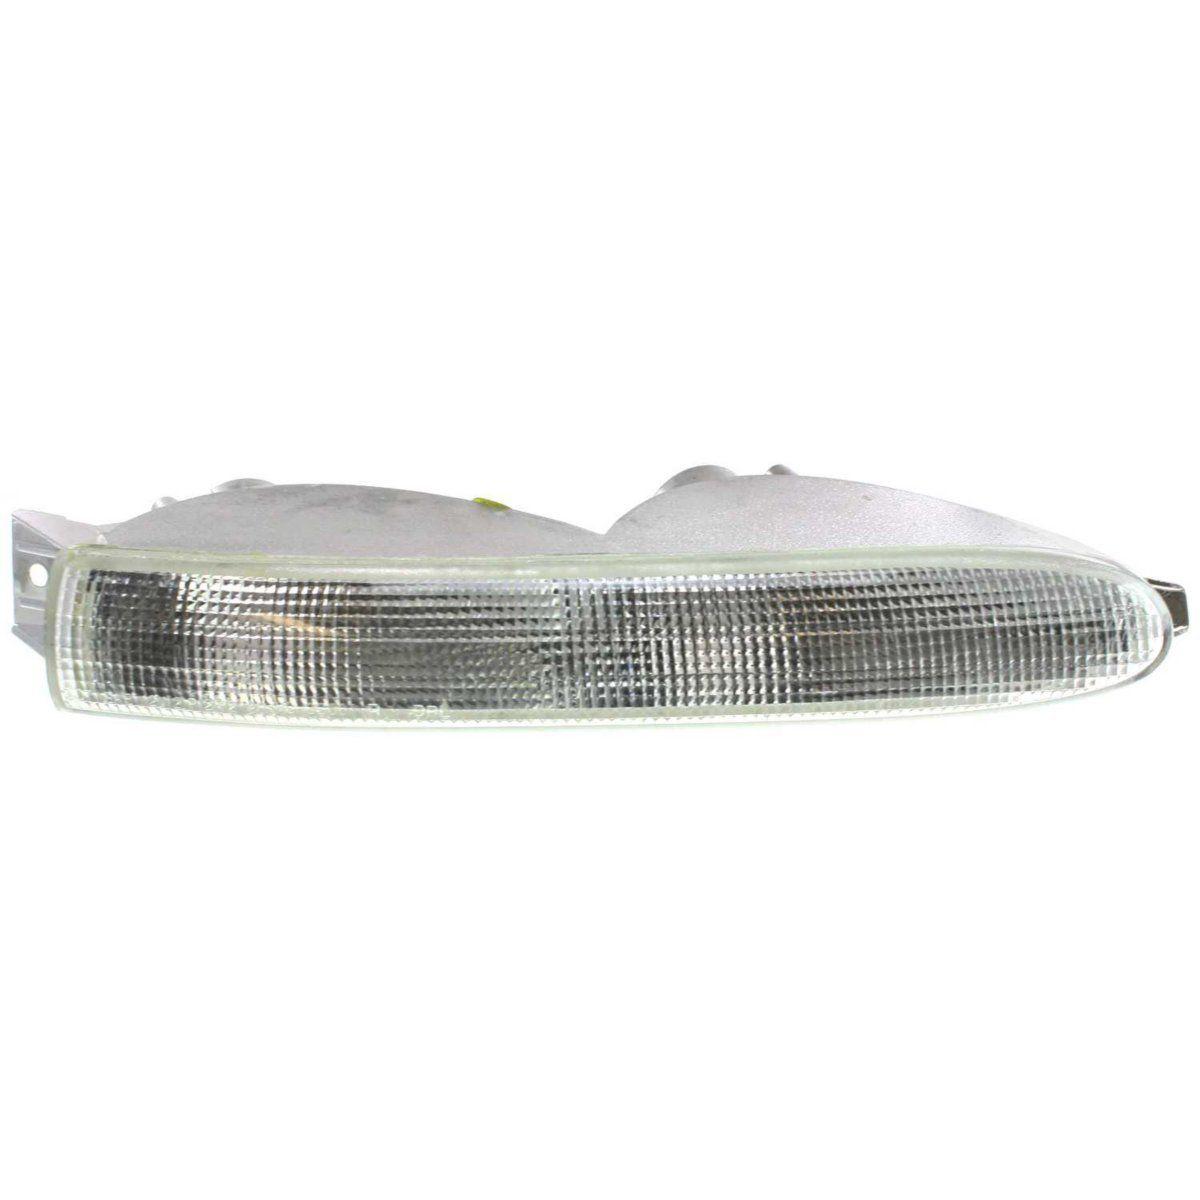 コーナーライト Parking Light For 96-2000 Dodge Grand Caravan Quad-style Passenger Side 96-2000 Dodge Grand Caravanクアッドスタイル乗客用駐車ライト